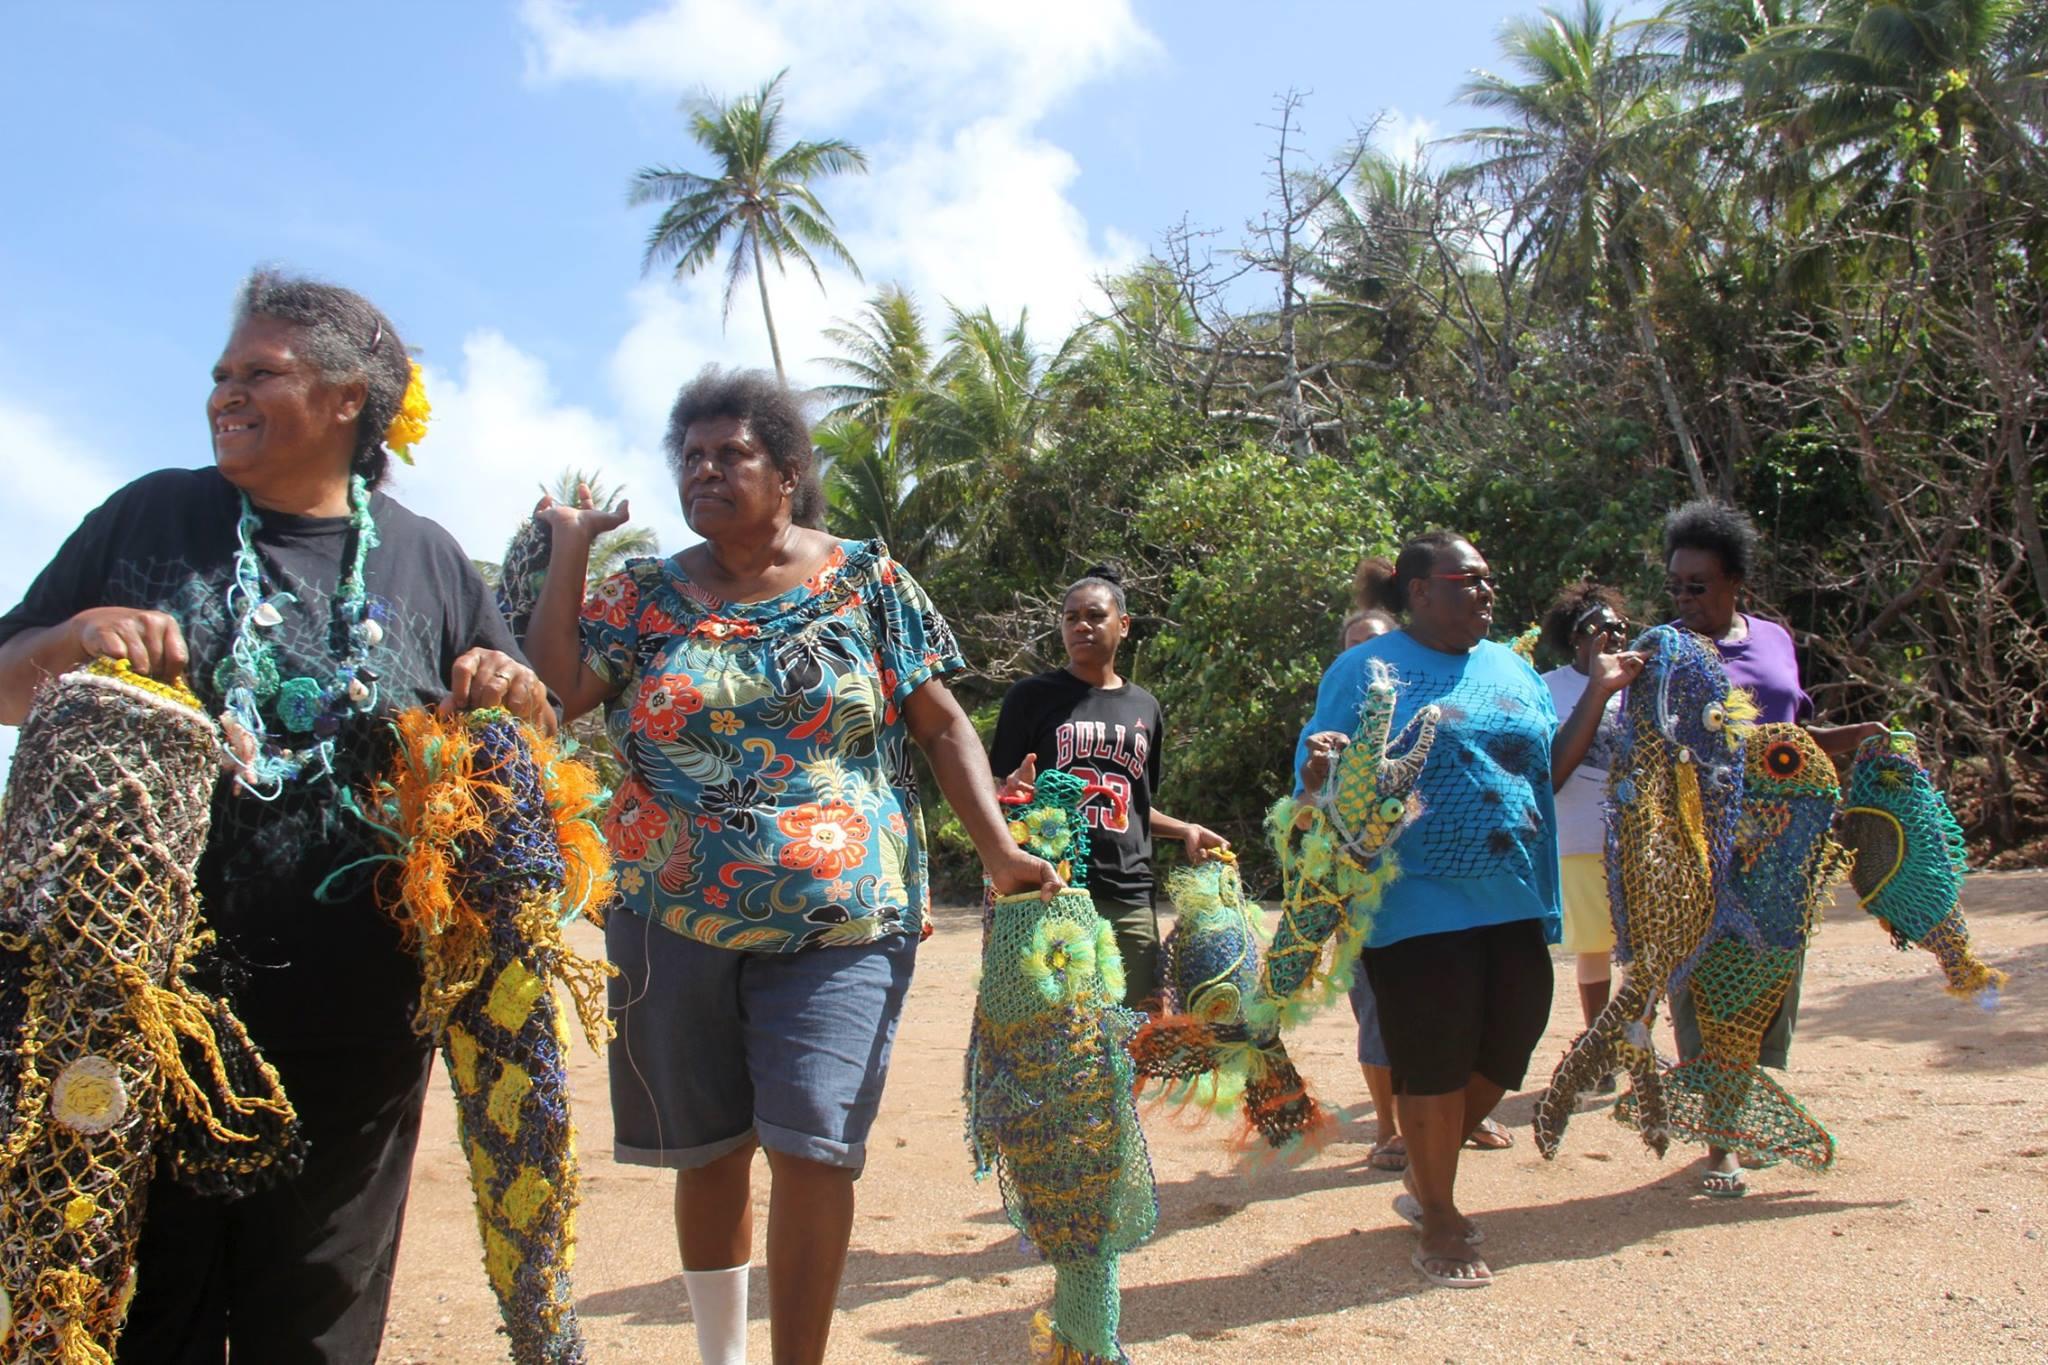 Les artistes Aborigènes d'Erub sur la côte avec leurs œuvres en filets de pêche recyclés. © Erub Art Centre.